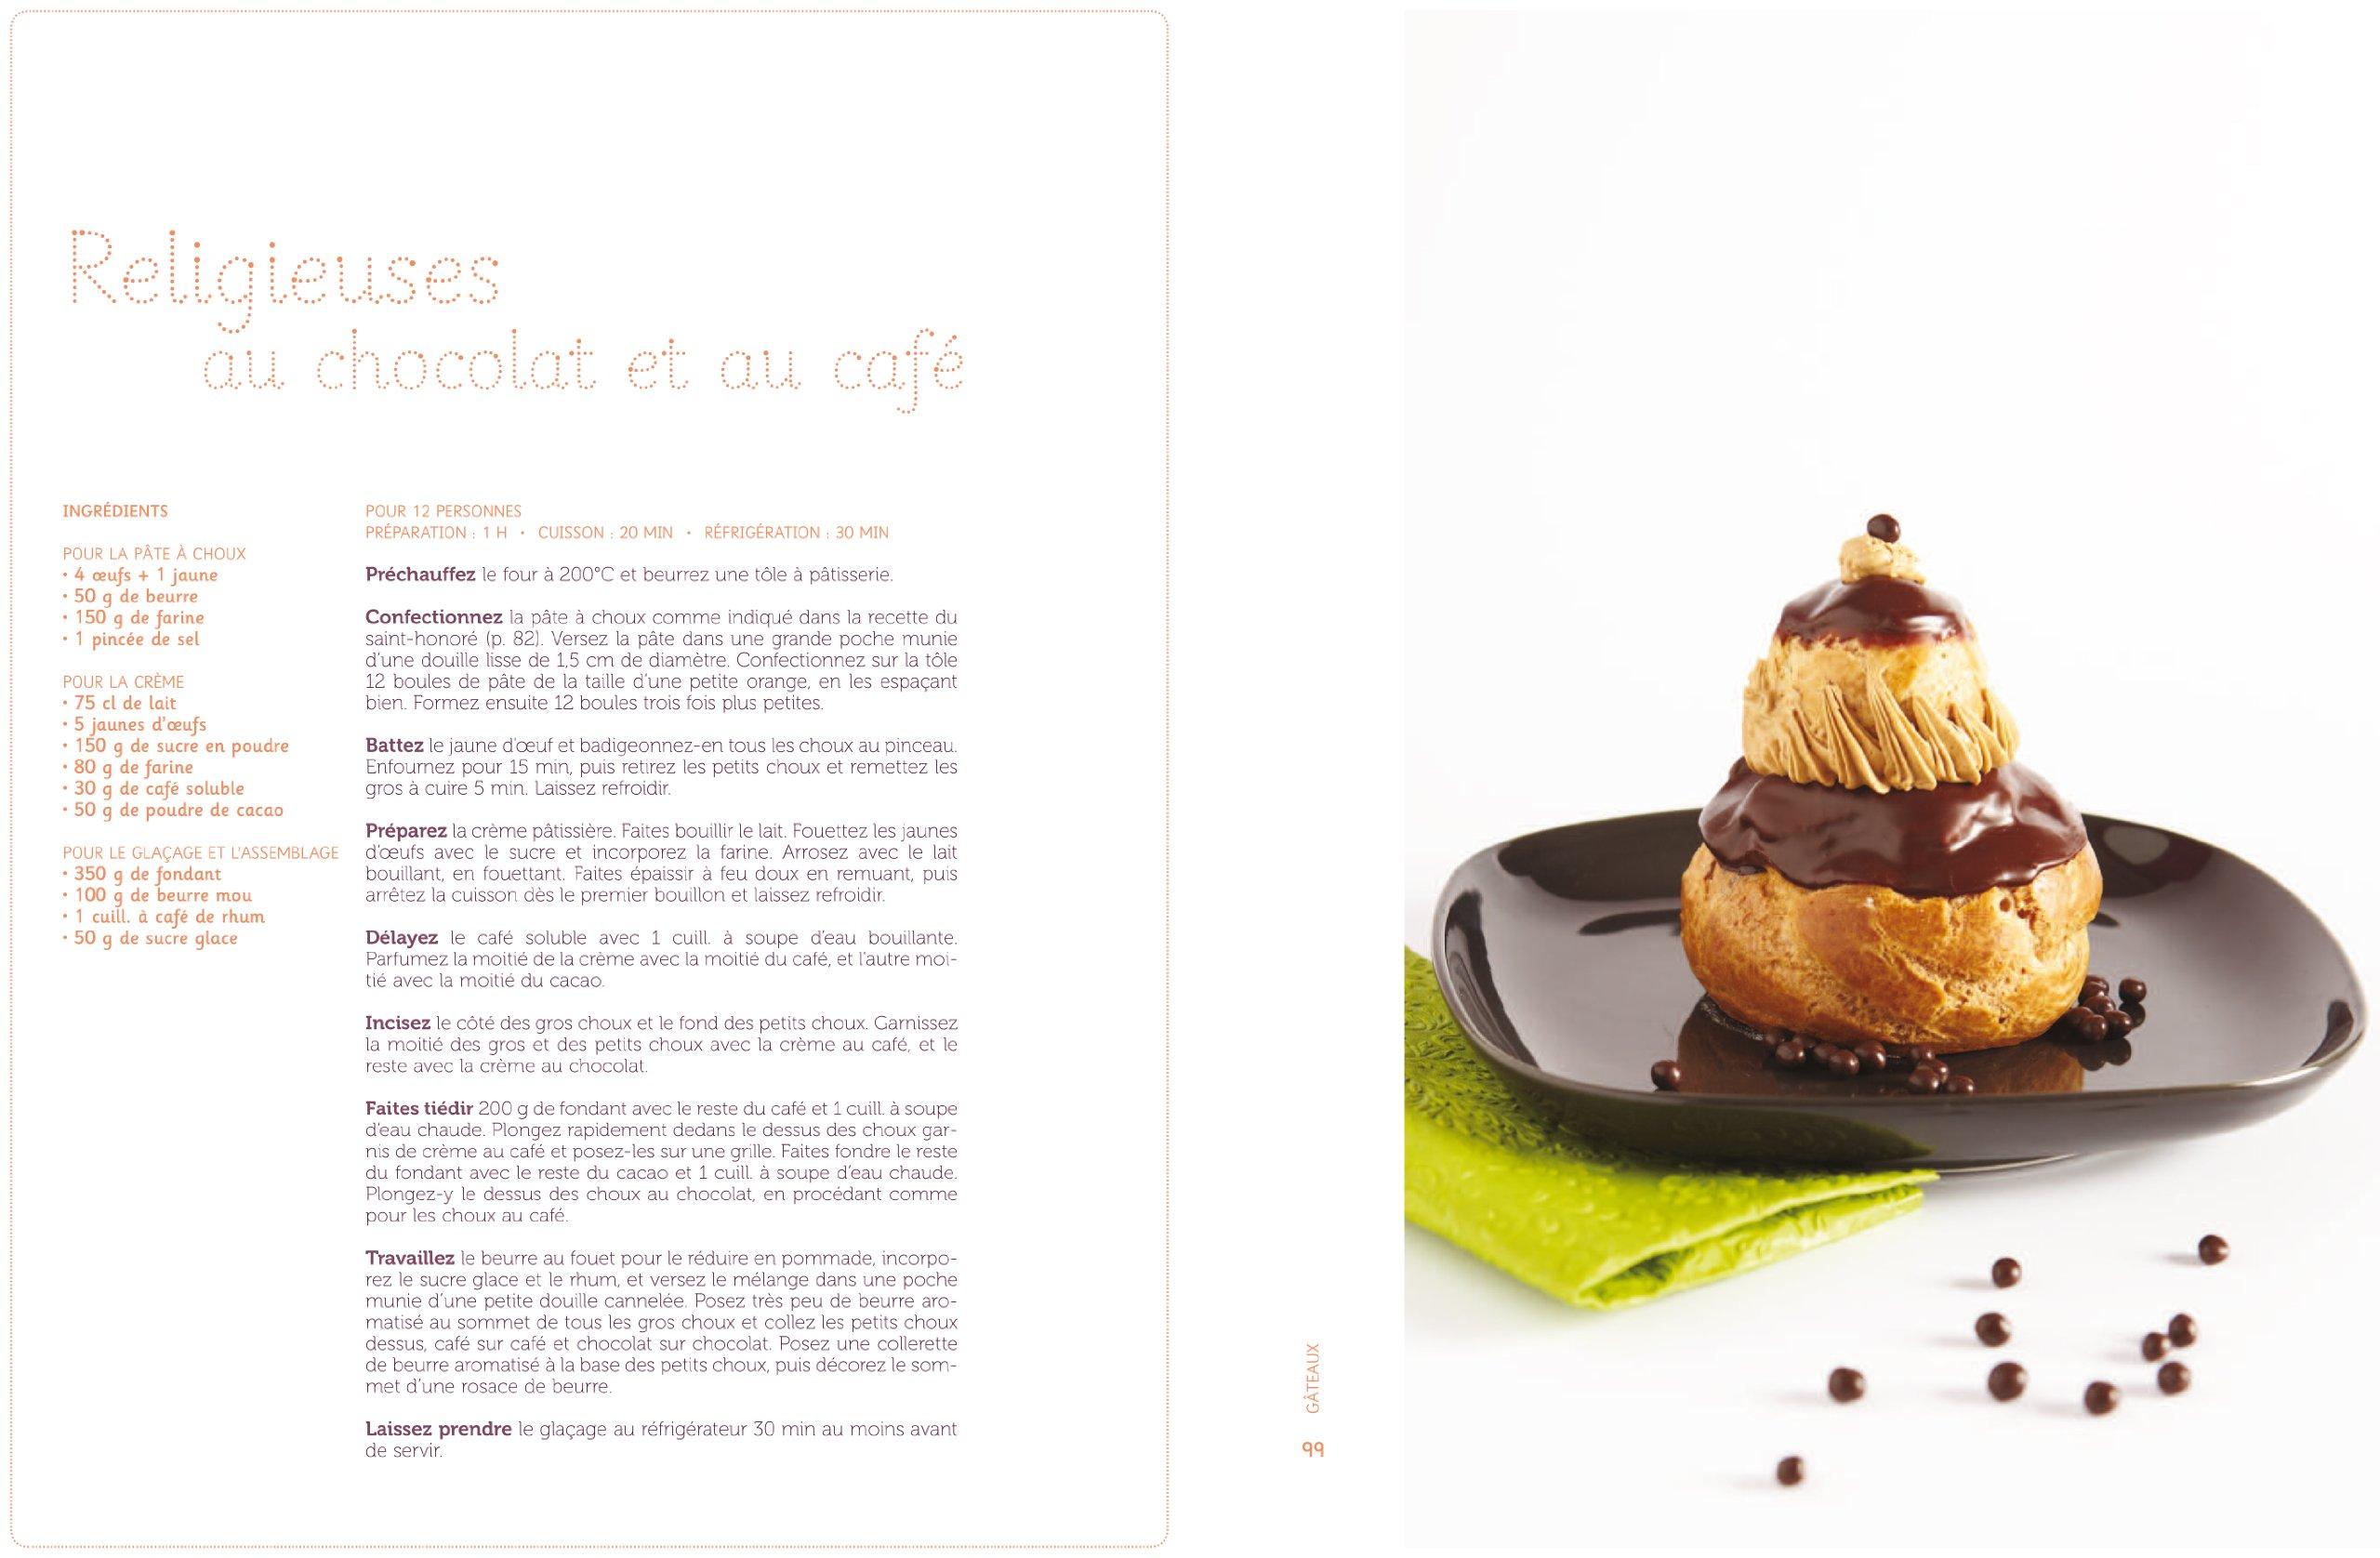 Desserts Dans lAir du Temps + Pelle a Tarte Laguiole Mes meilleures recettes: Amazon.es: Stéphanie de Turckheim, Laëtitia Vallée: Libros en idiomas ...